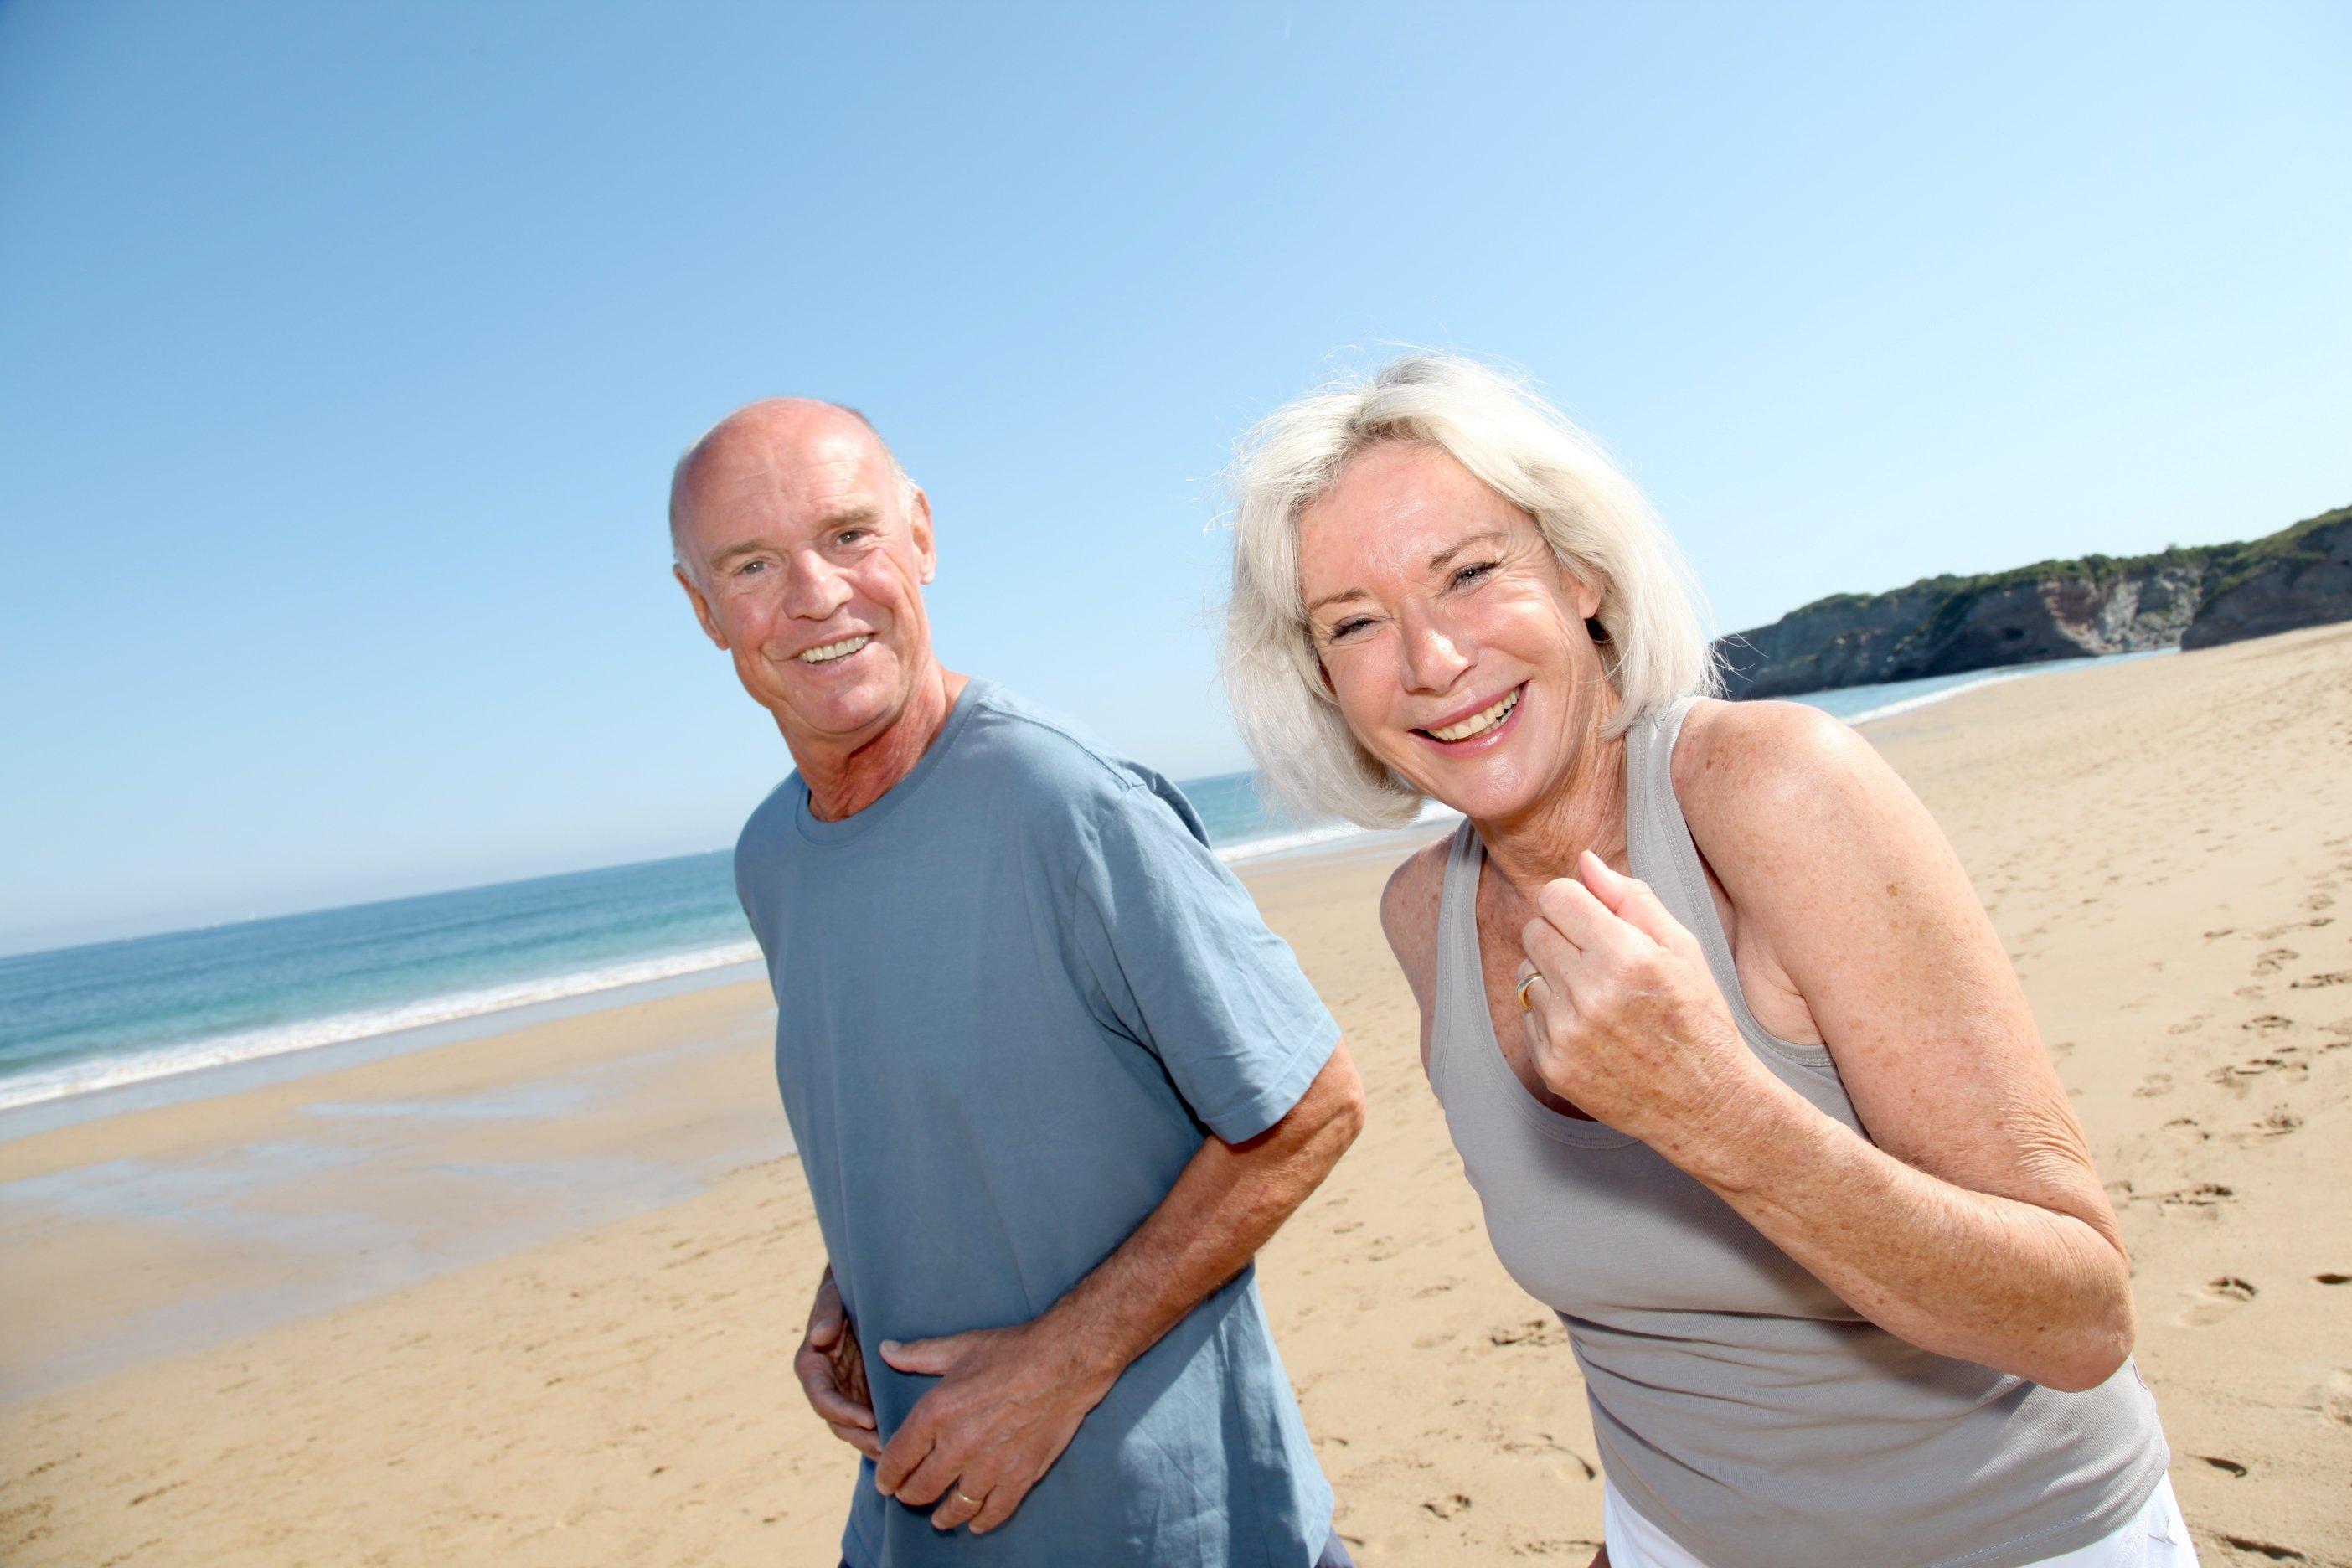 Regelmäßig Joggen verlängert das Leben um drei Jahre